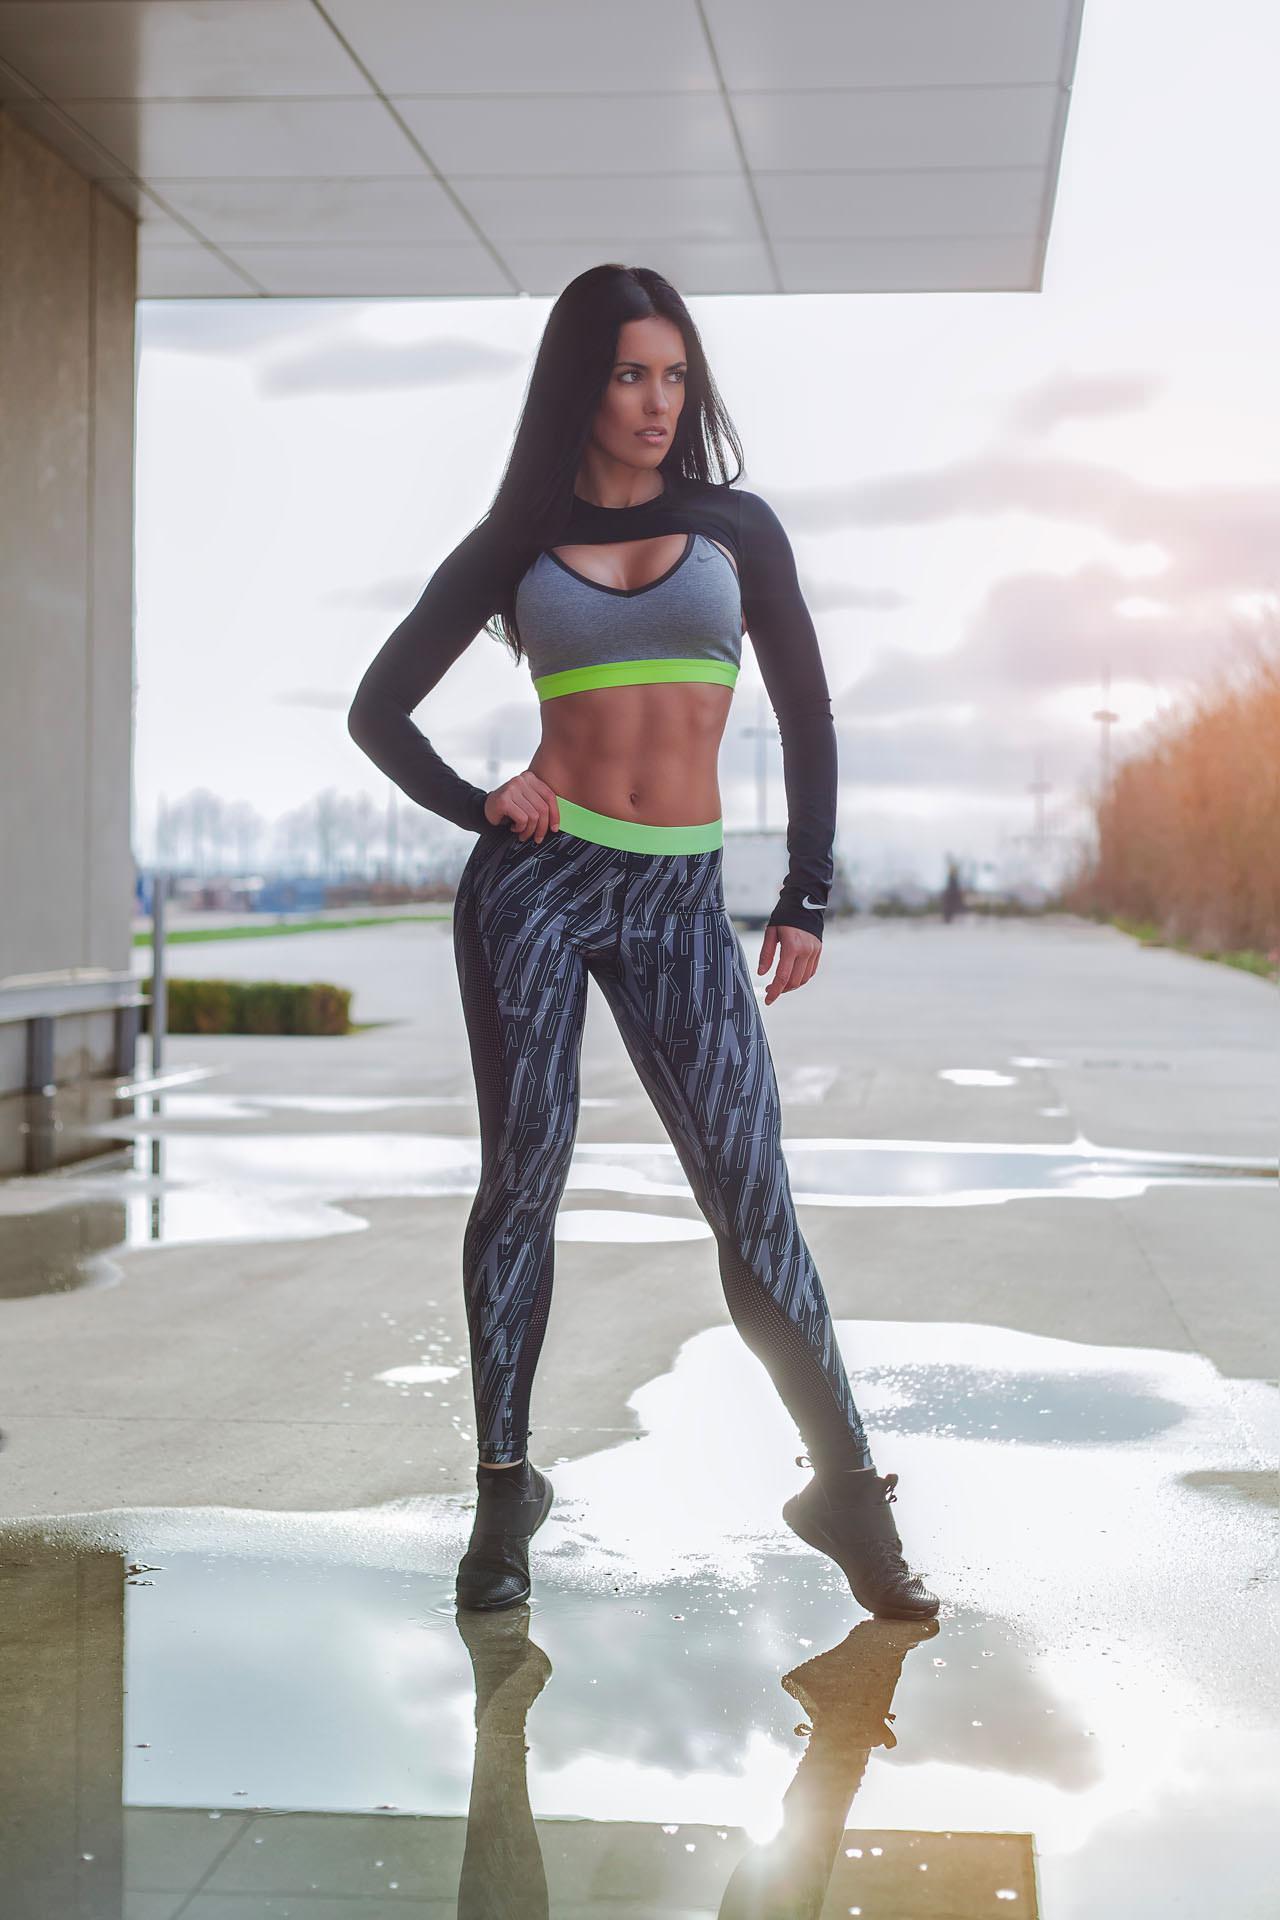 2017-03-10 - Kara Bellum - Nike - Sénart - 3772 - 1920px